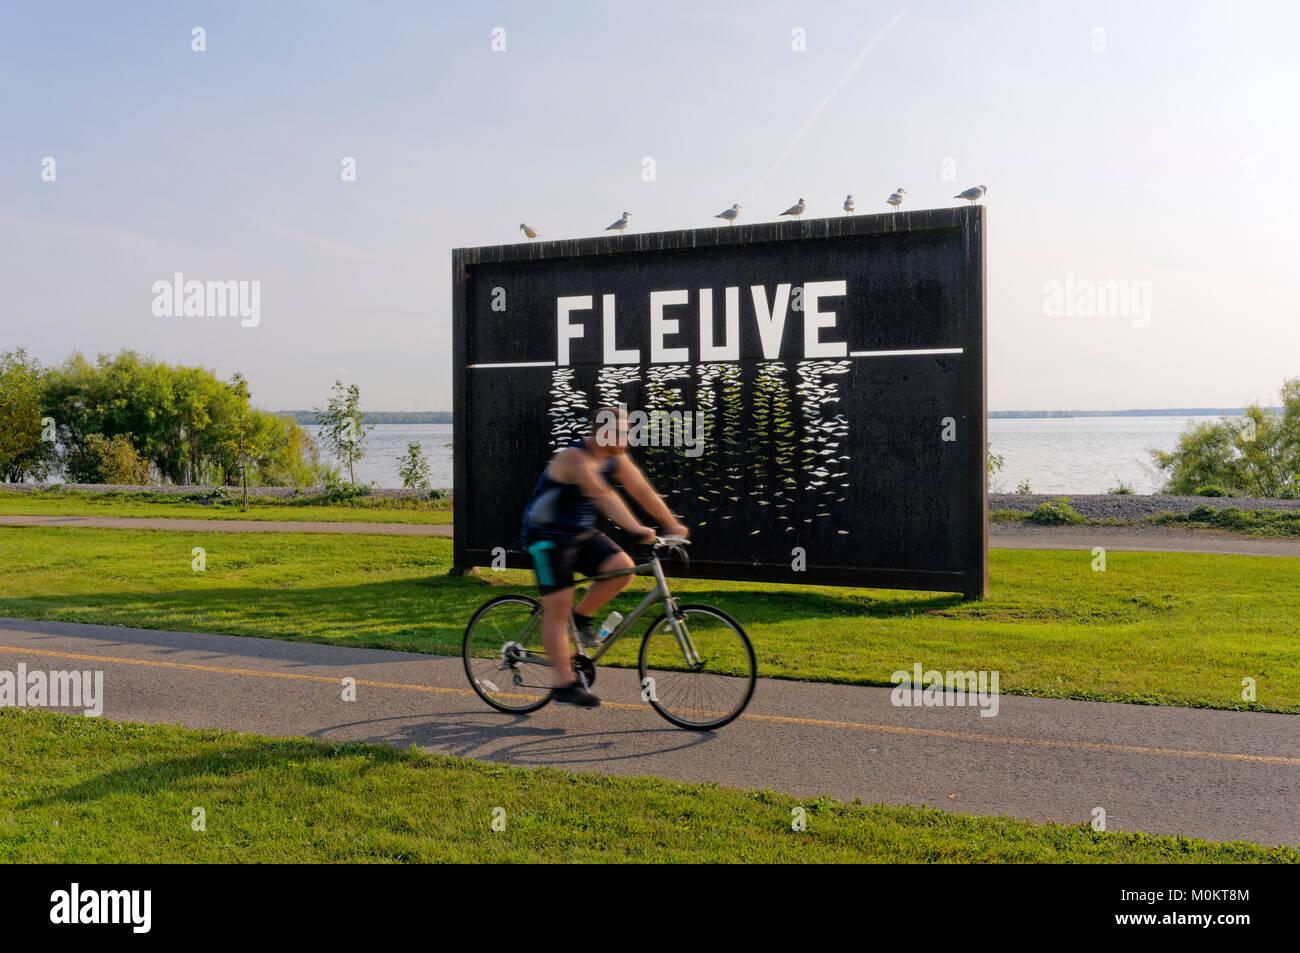 man-riding-a-bicycle-past-large-metal-pa